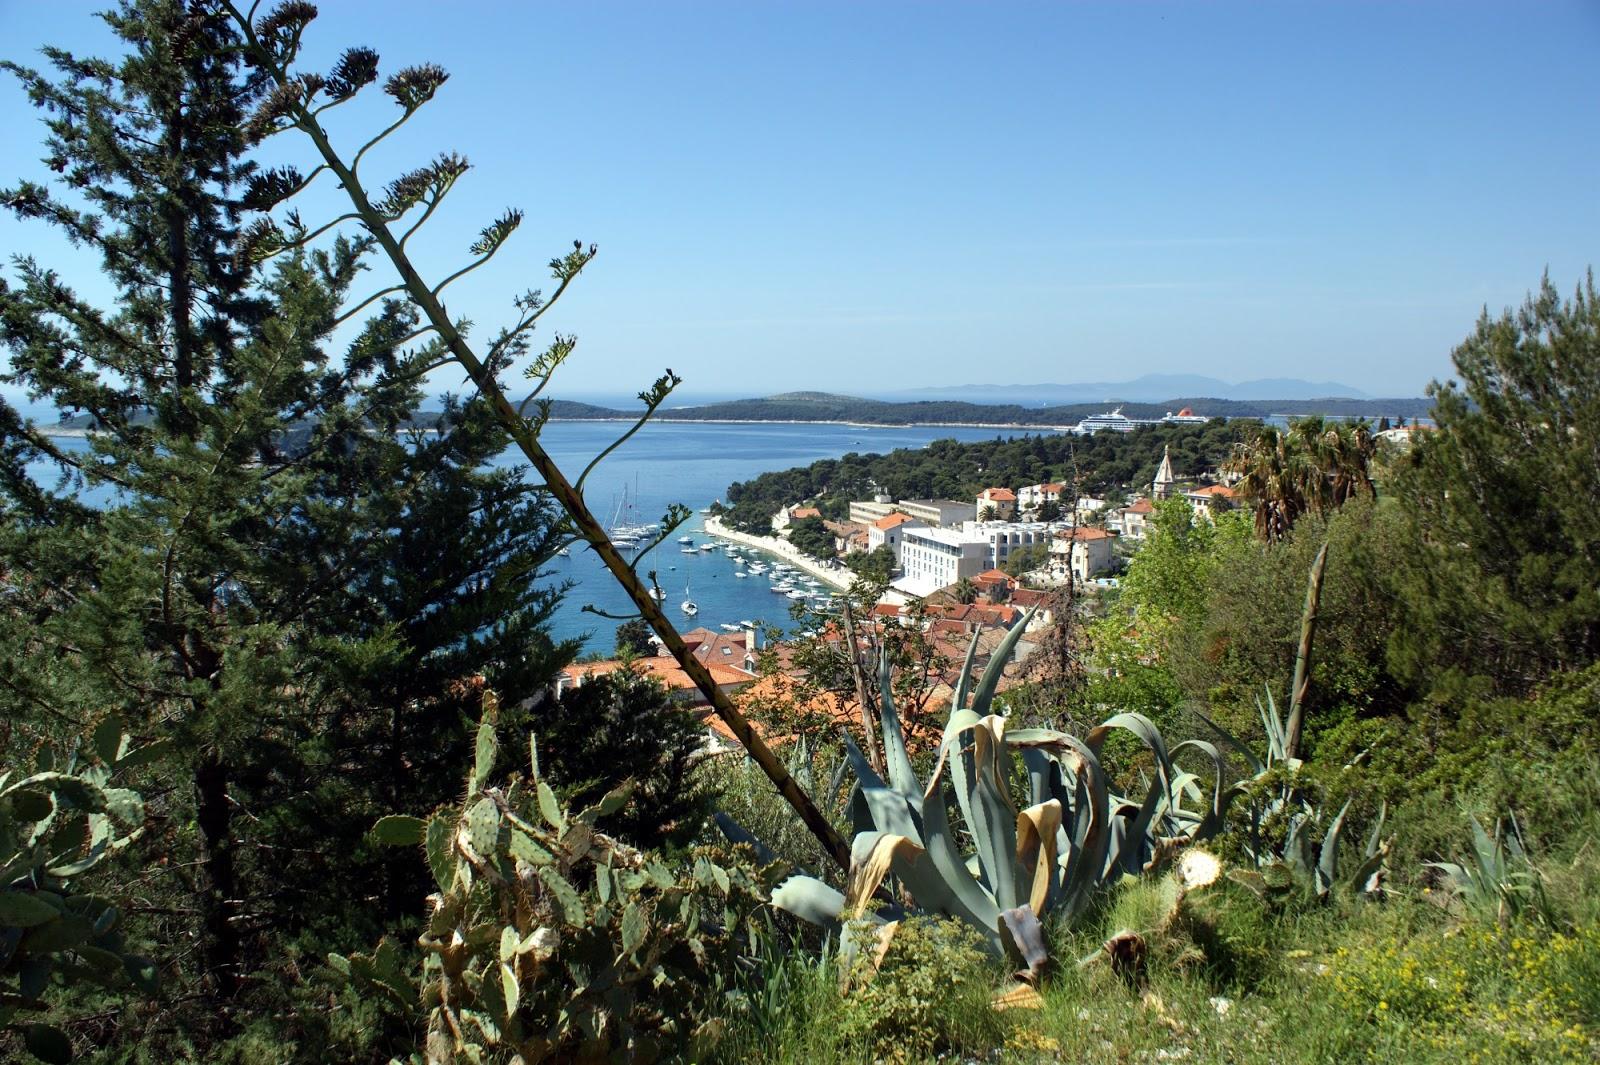 Chorwacja apartamenty wakacje rodzinne nad morzem 8 osobowe